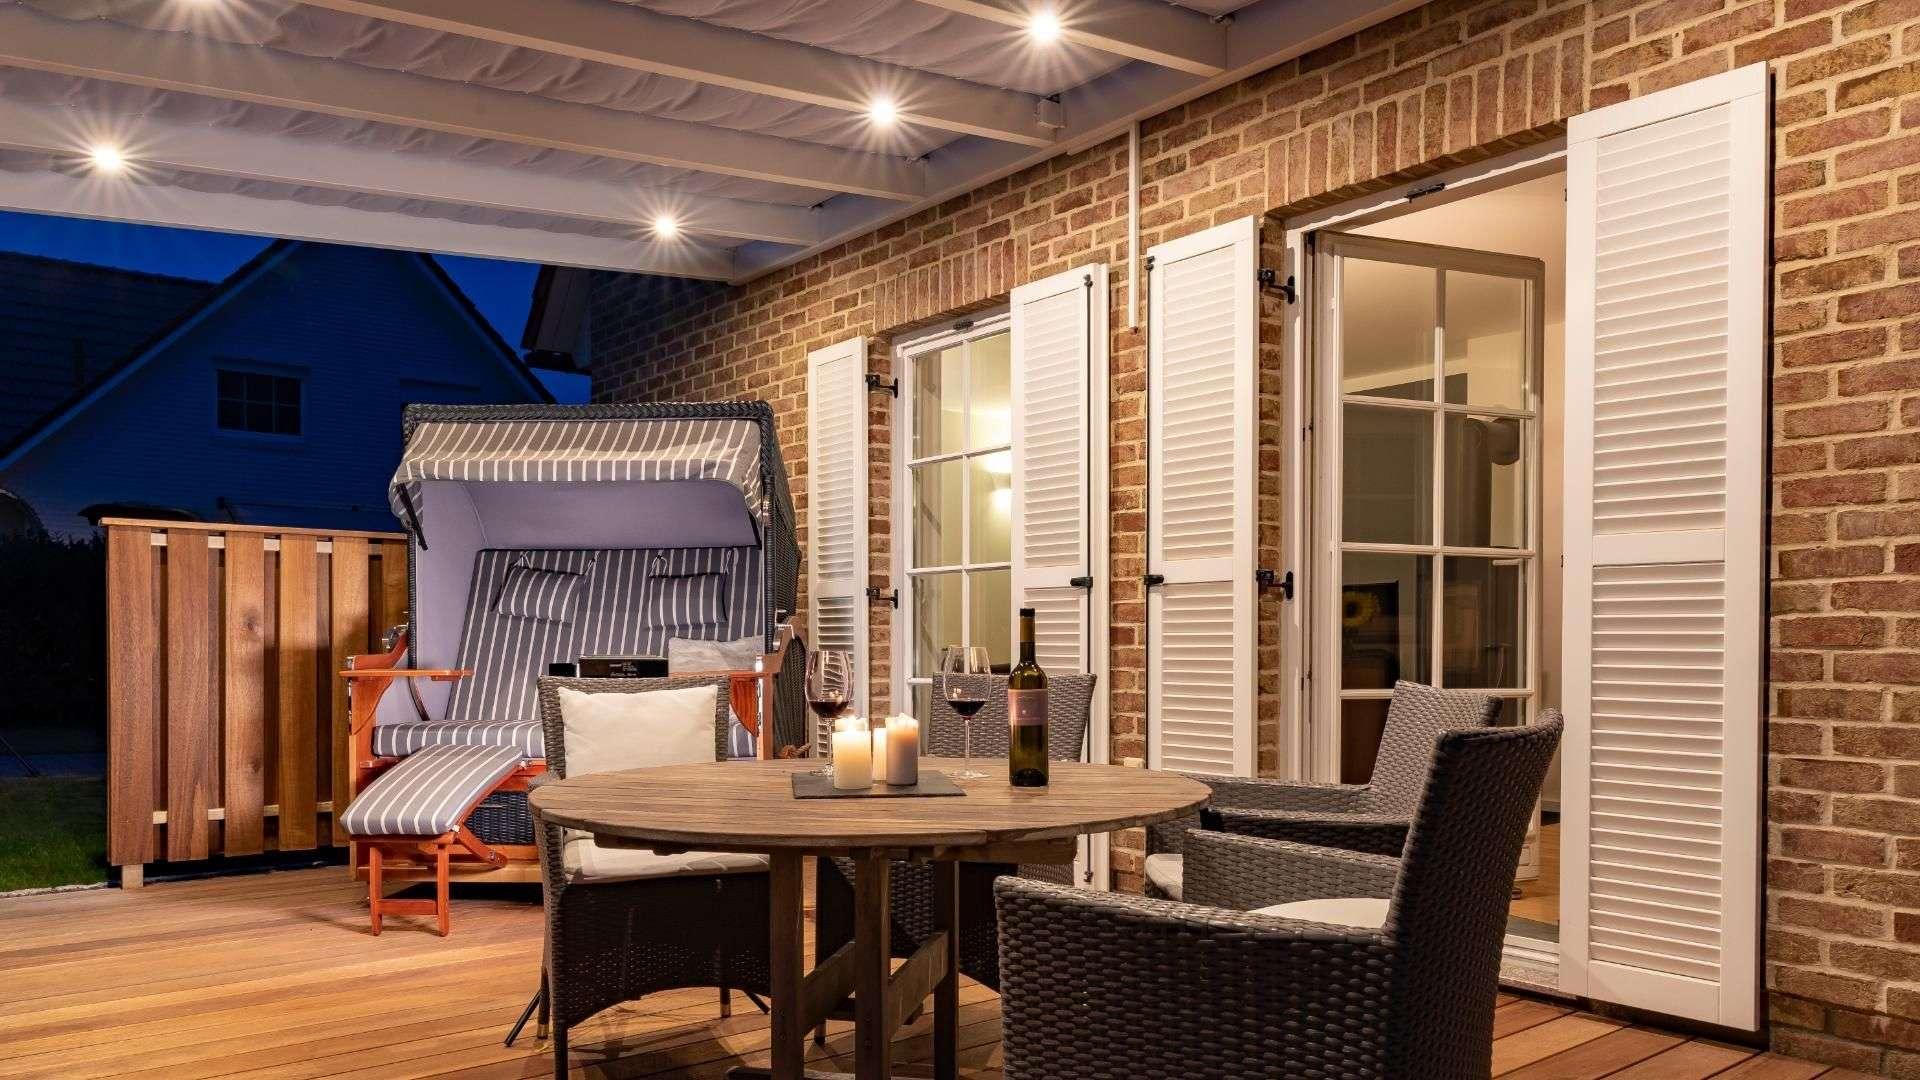 Innenansicht eines beleuchteten Terrassendachs mit Esstisch und Strandkorb